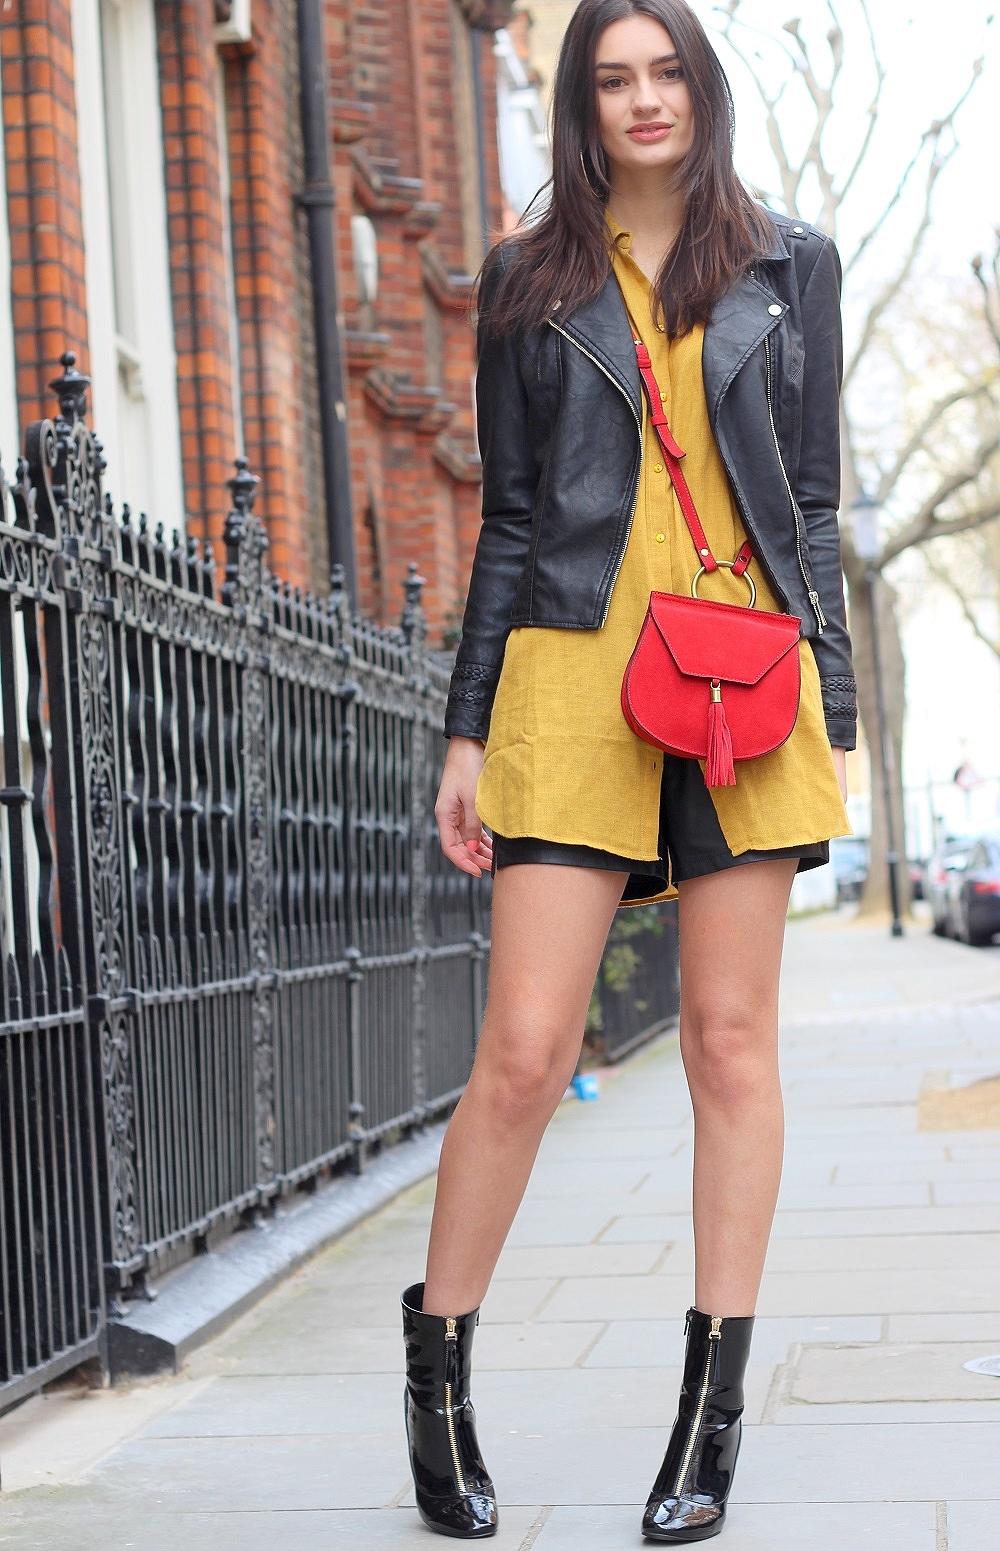 fashion blogger peexo street style spring